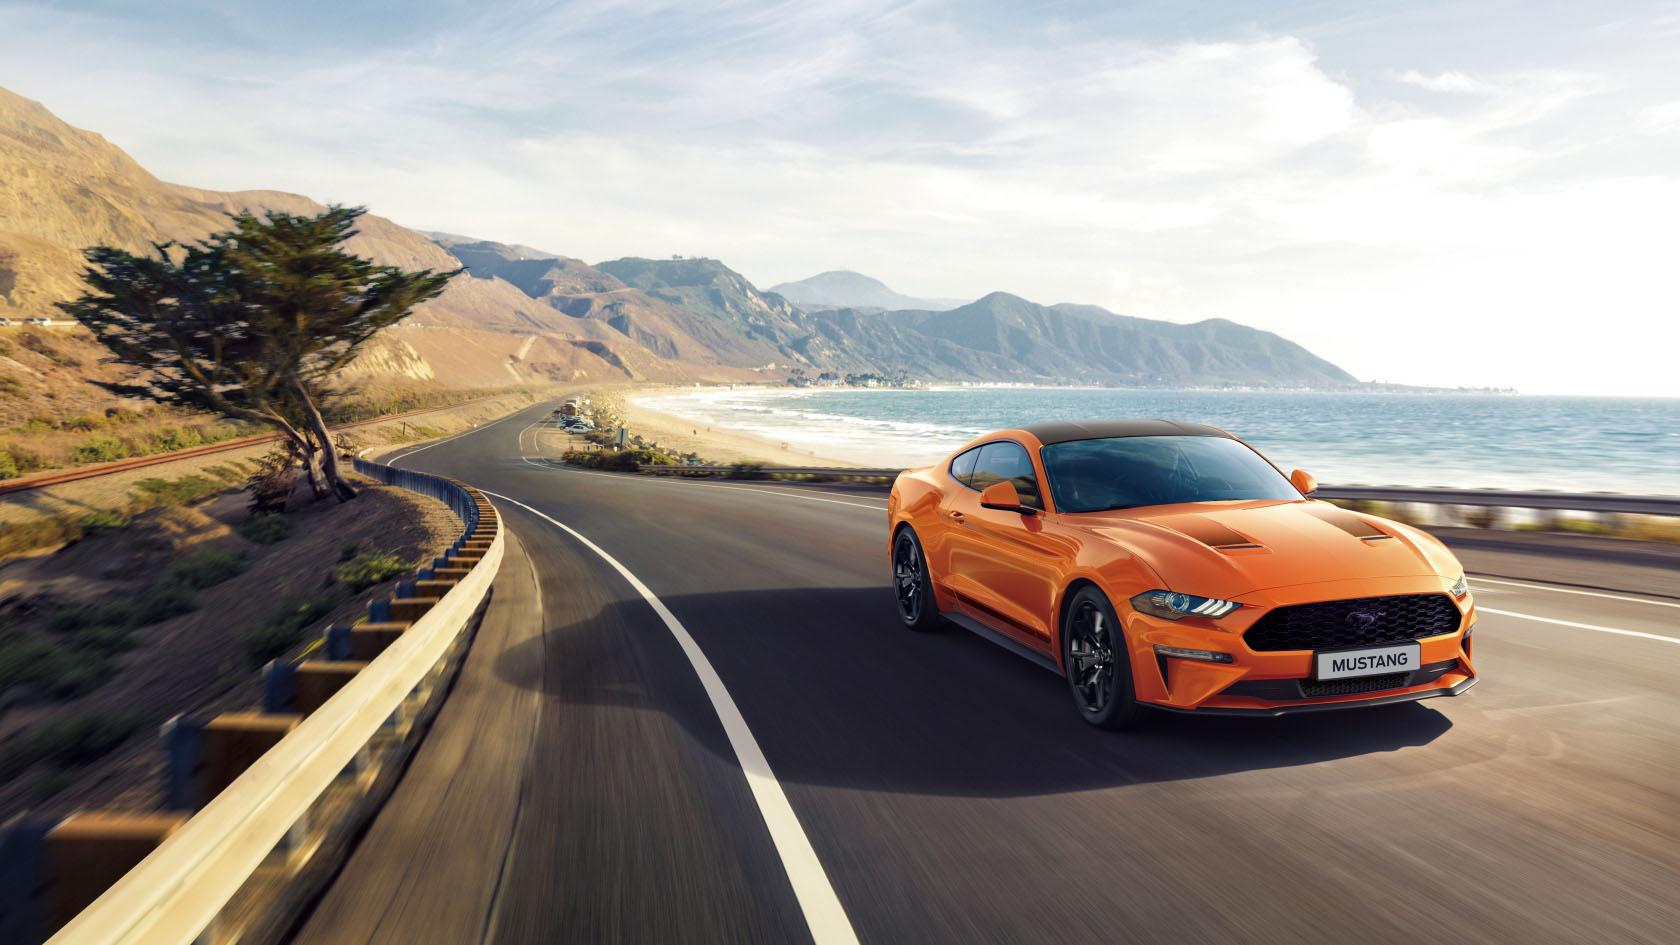 最可靠的中大型跑車?J.D. Power 說是 Ford Mustang